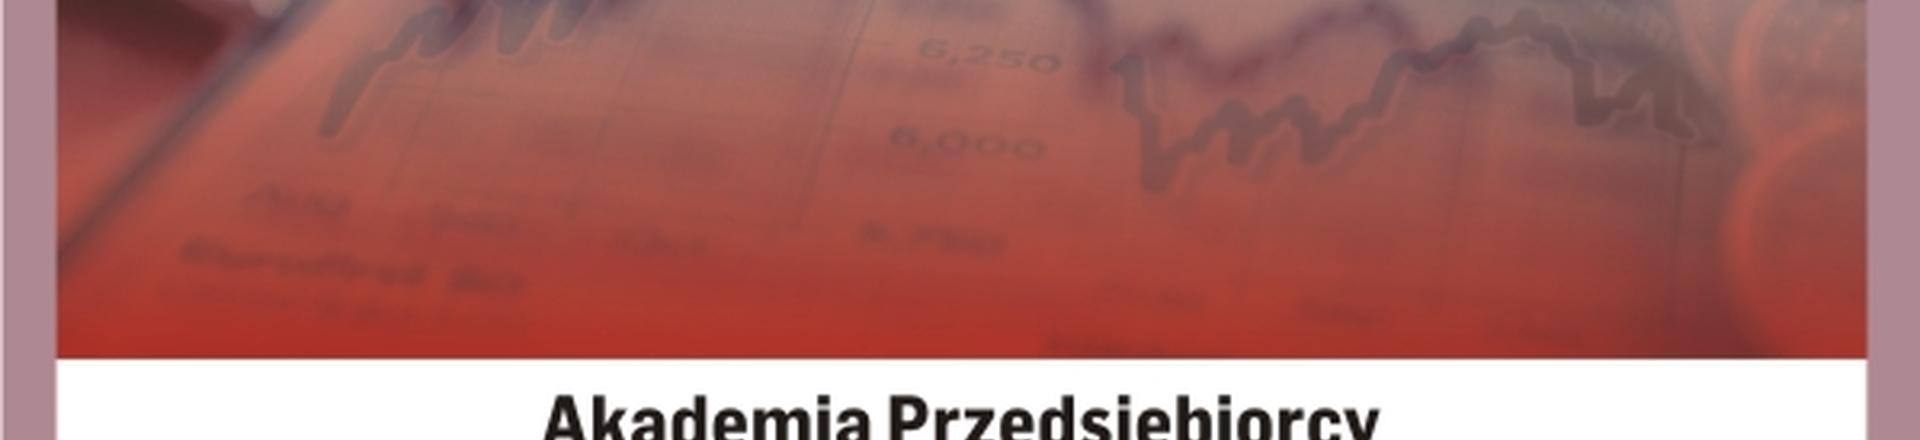 Cykl Akademia Przedsiębiorcy: Kapitał i bezpieczeństwo Twojej firmy - Wrocław